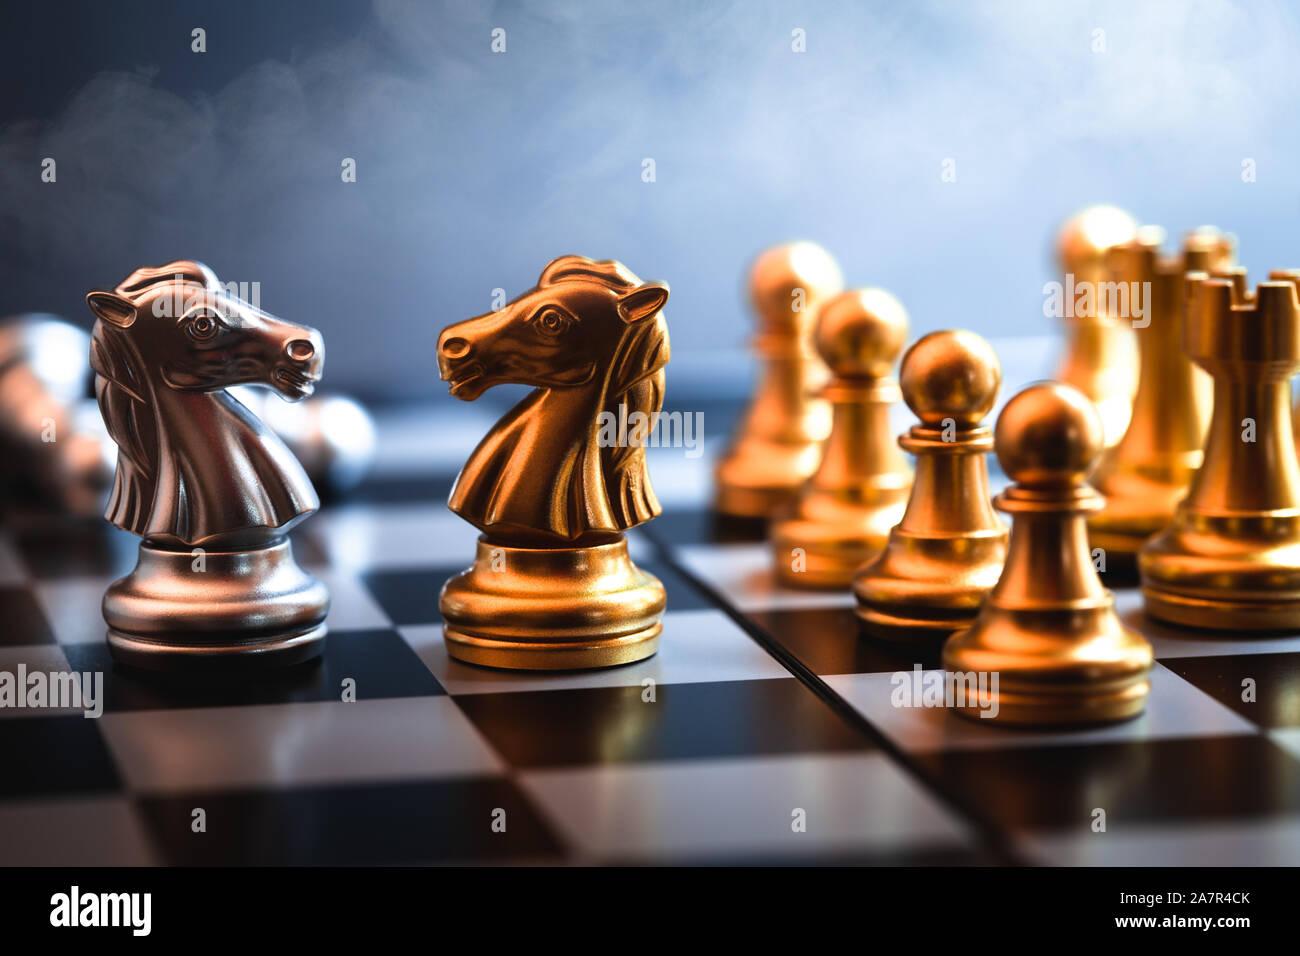 Cheval d'échecs rencontrés représentent ensemble de la négociation d'un rival ou un ennemi d'affaires dans un jeu de guerre commerciale. Banque D'Images